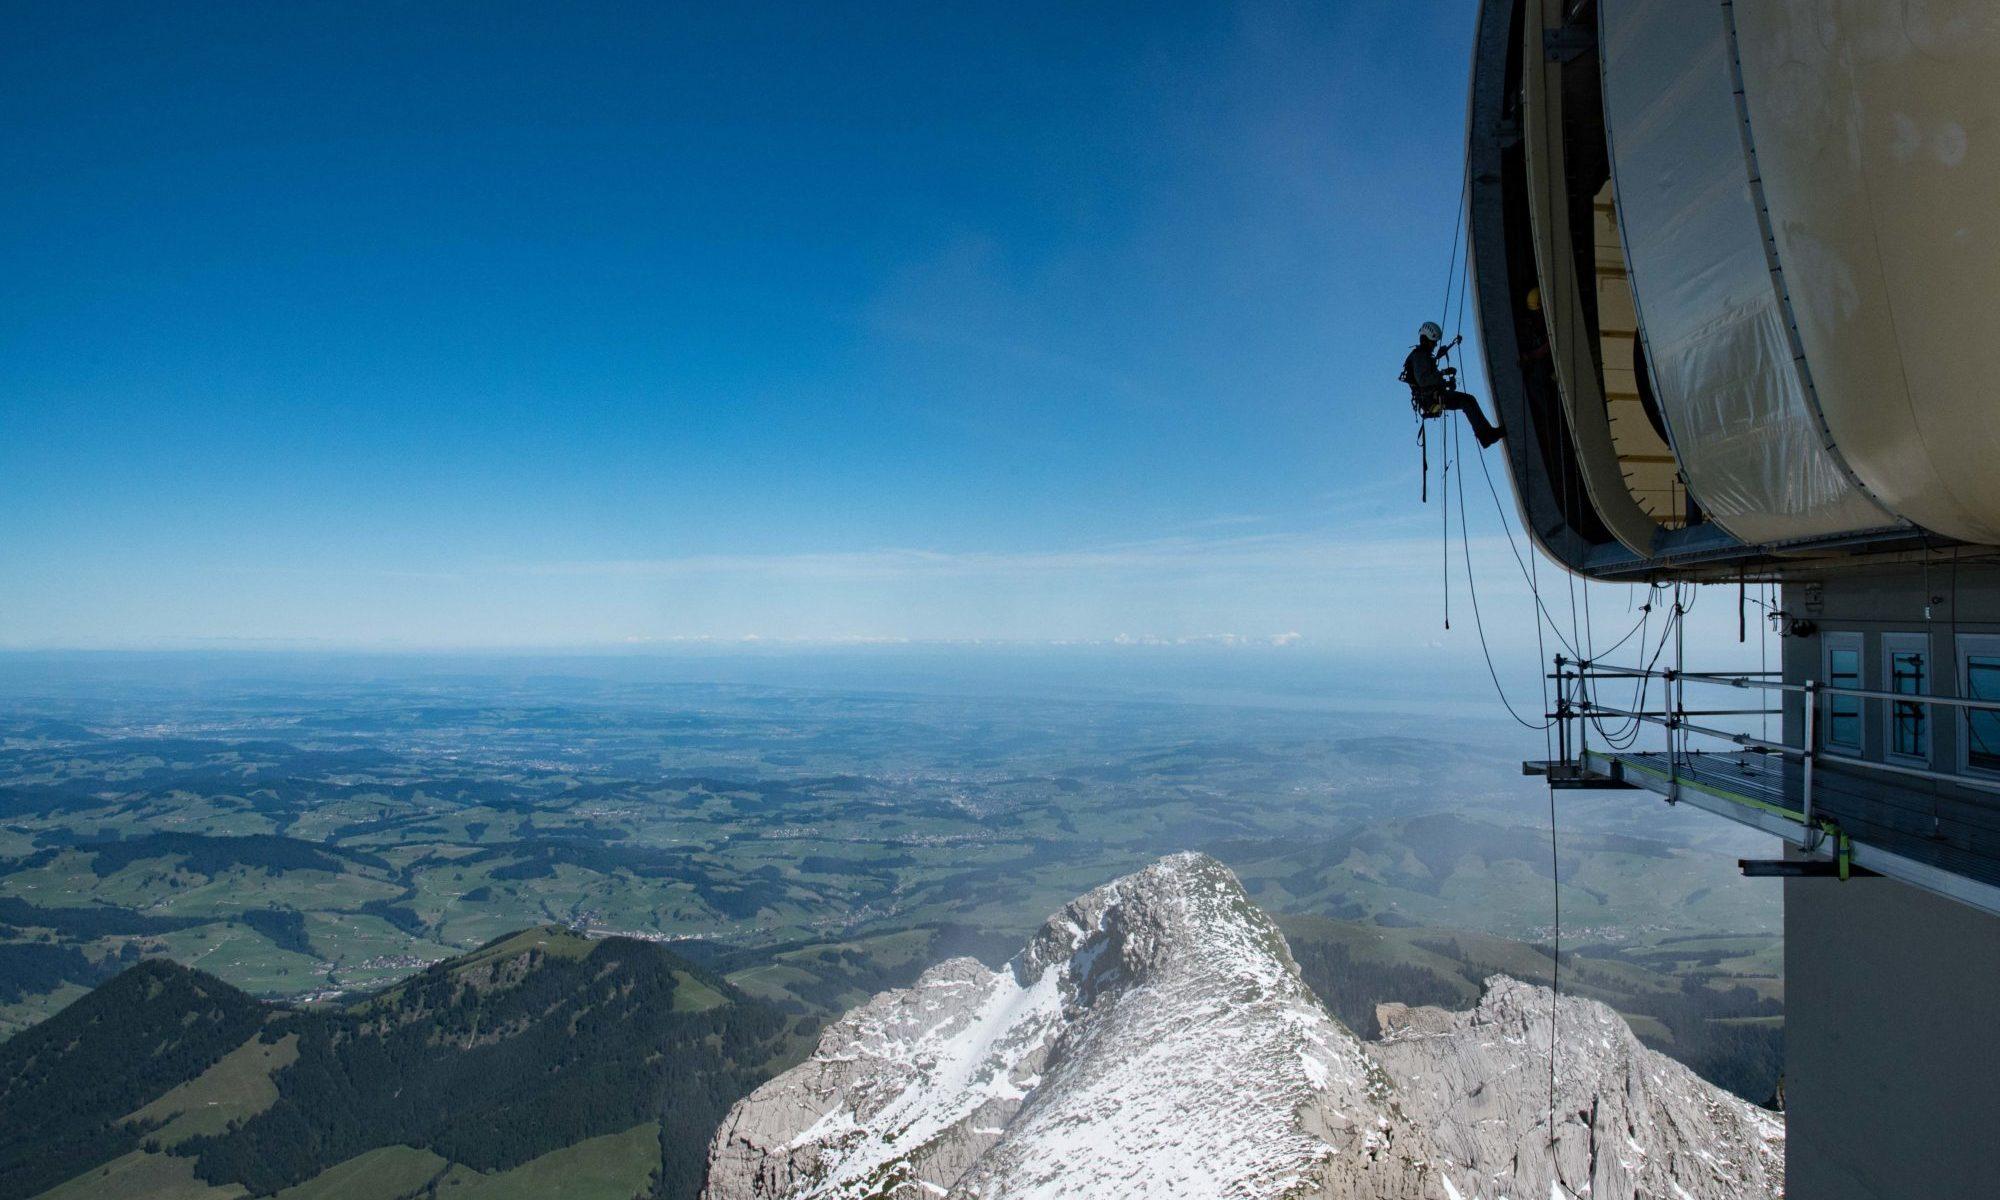 Seilarbeiten am Säntis, Appenzell